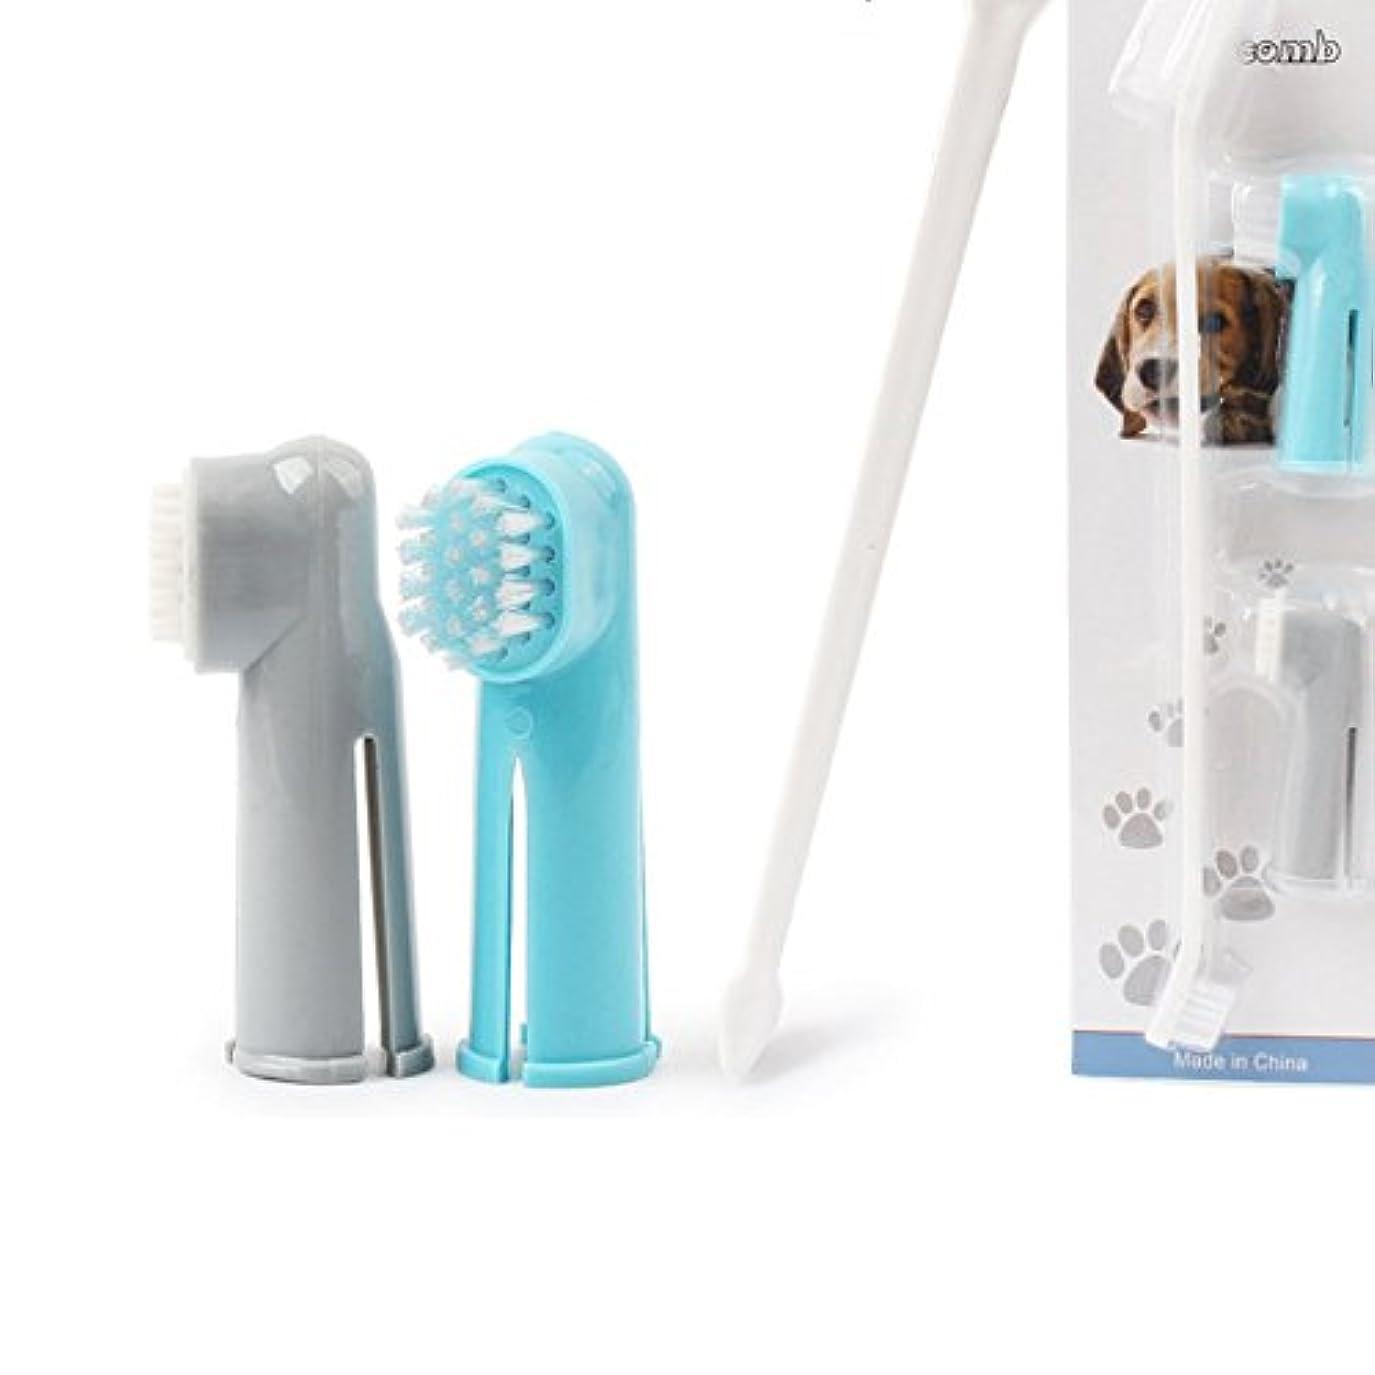 アナリスト飲料慣習Bartram 指歯 ブラシ 犬猫用歯ブラシ 歯磨き フィンガータイプ ソフト フィンガータイプ デンタルケア 3ピースセット